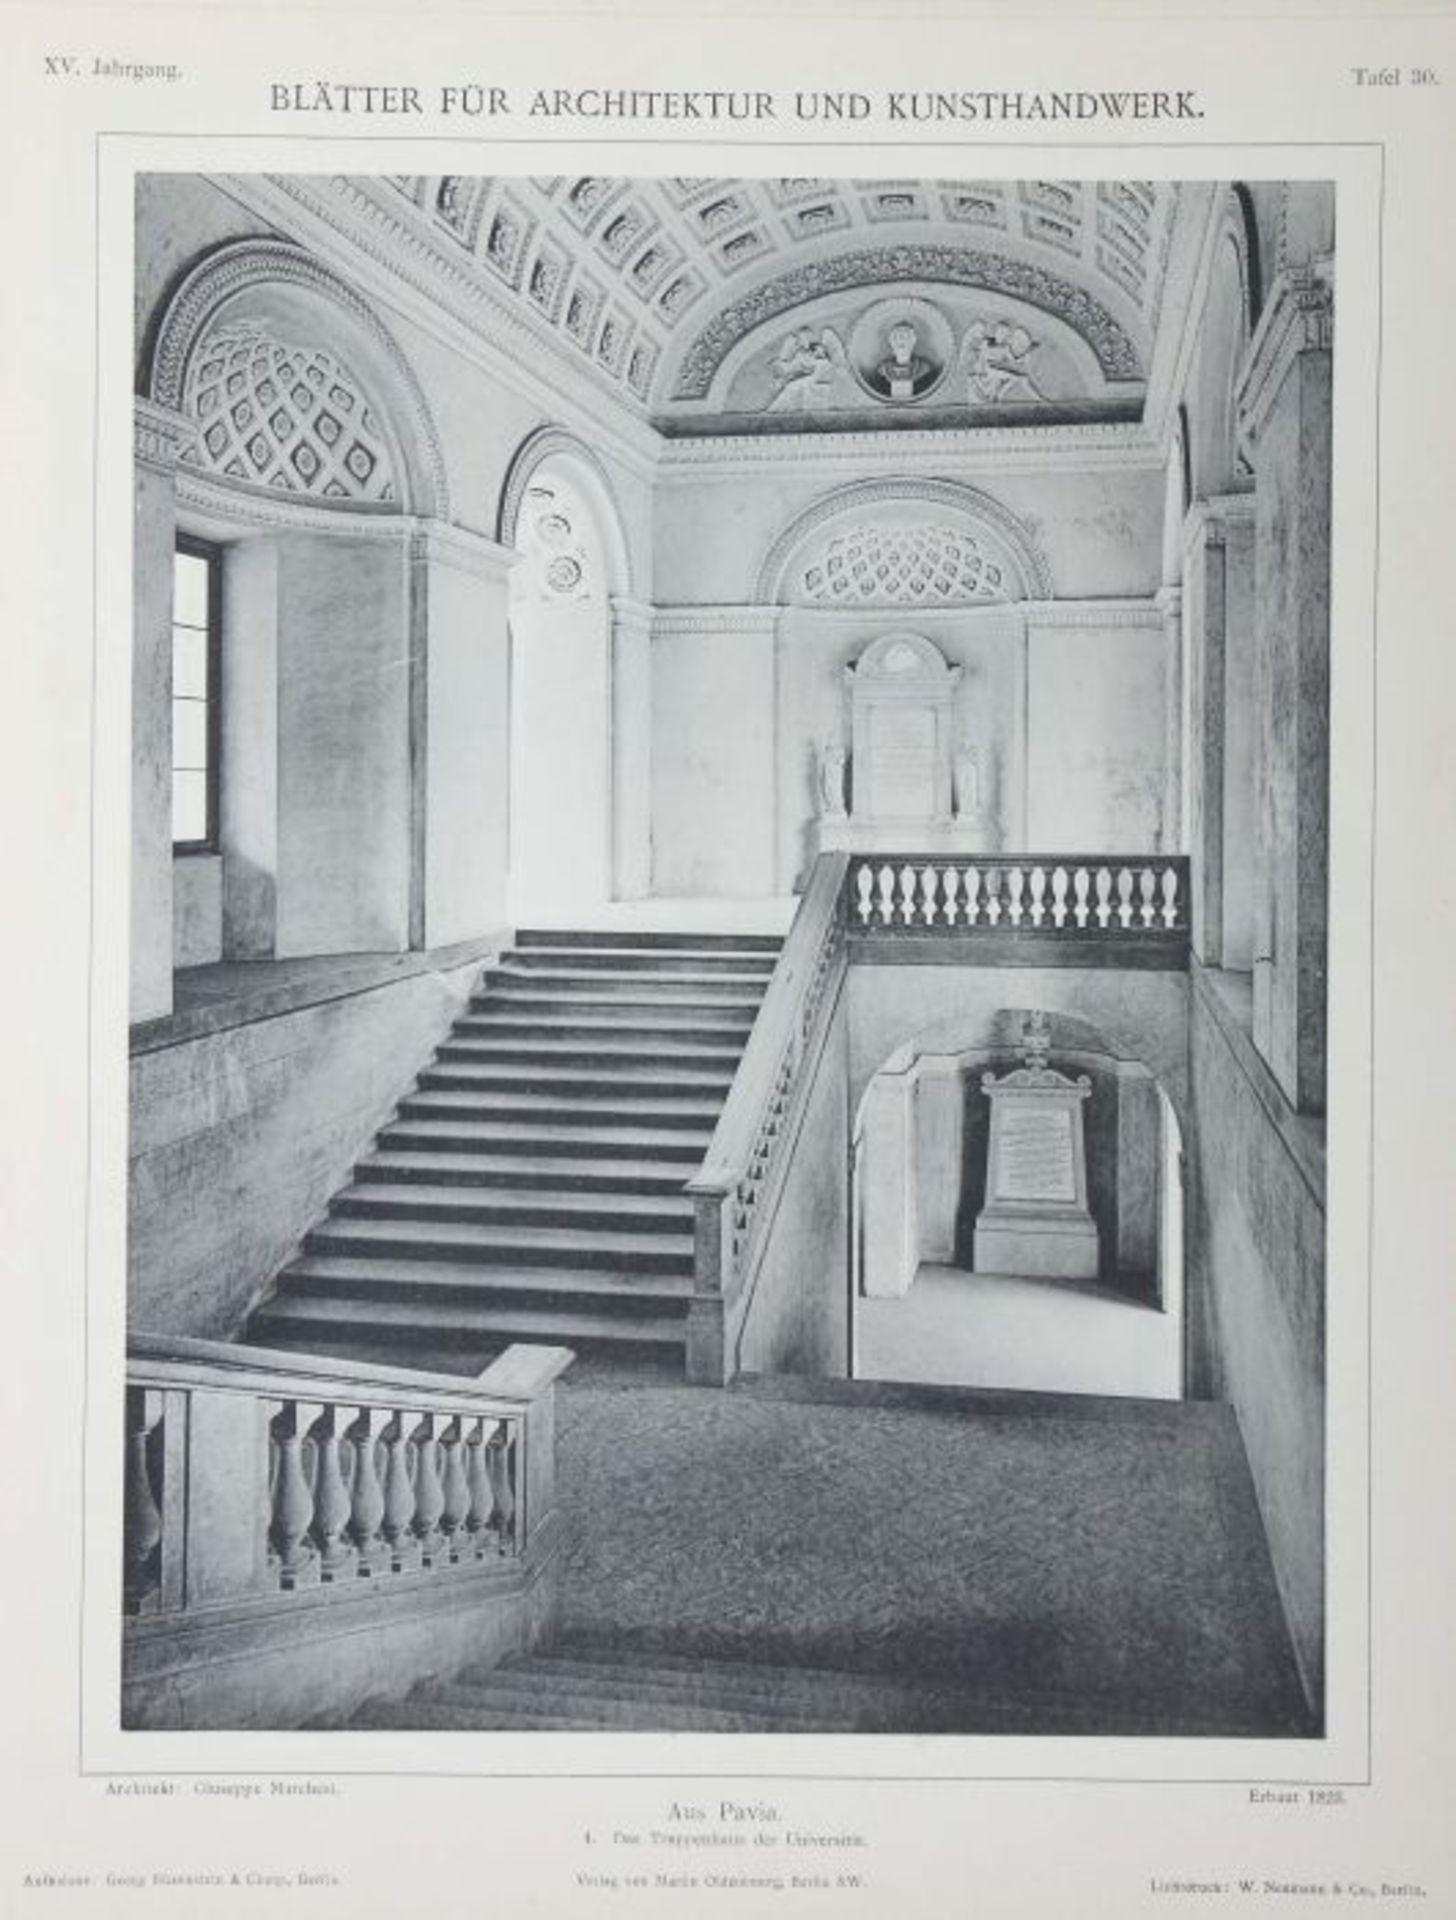 Blätter für Architektur und Kunsthandwerk Oldenbourg/Spielmeyer, Berlin, 1900-02, 3 Bde., je mit - Bild 5 aus 6